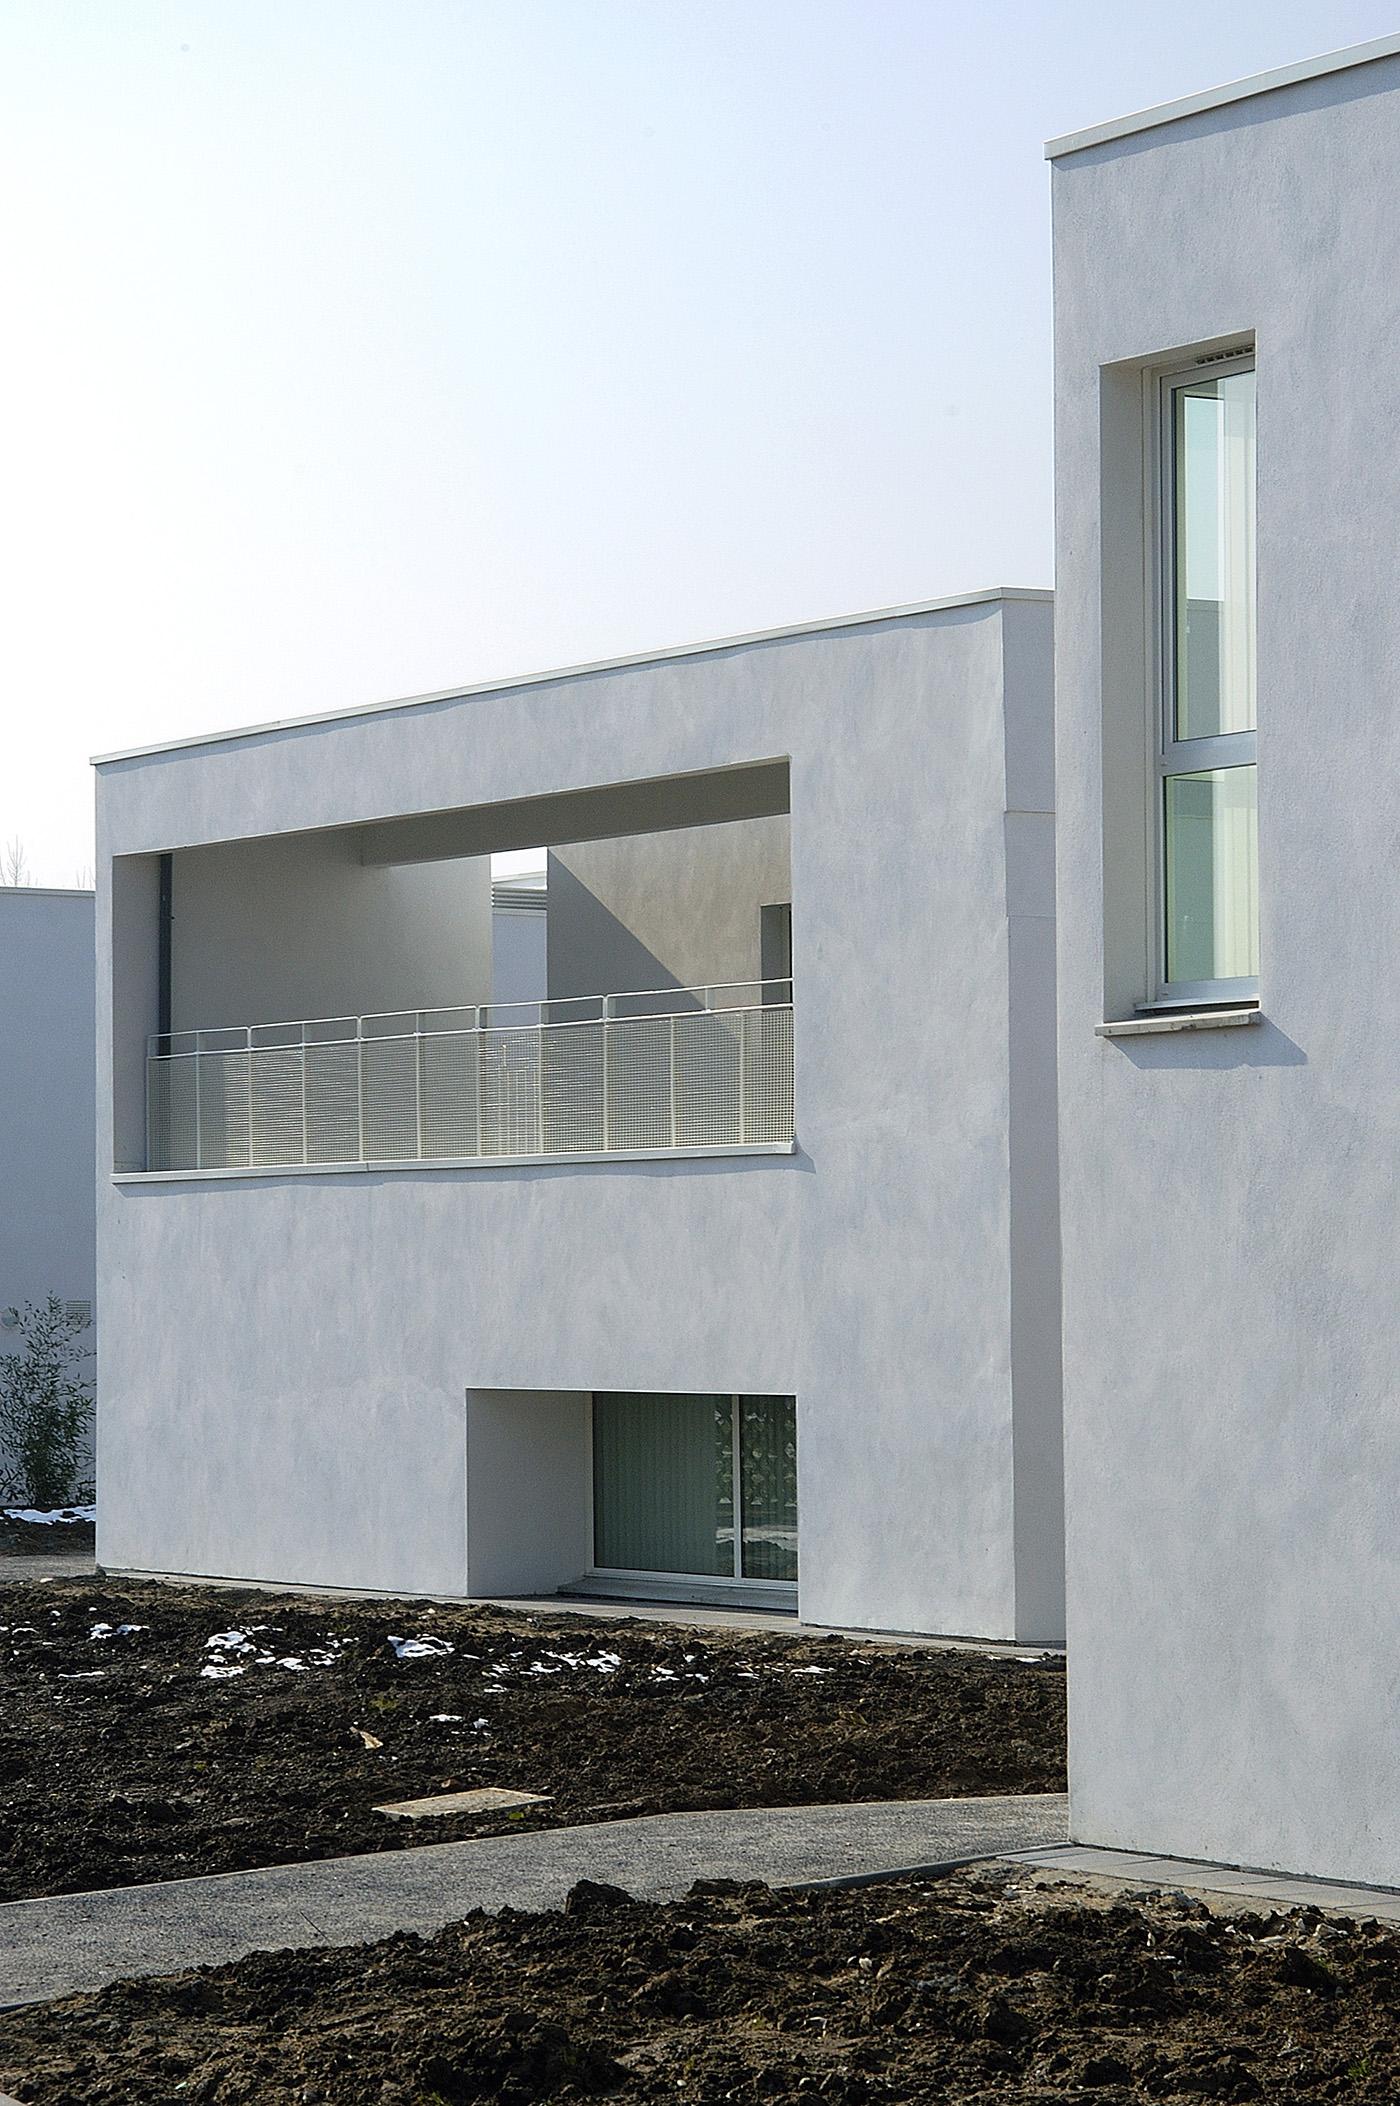 """pour Gilles FROMENT_architecte/PARALLELE-3 : Centre psychiatrique """"Les passerelles-La source"""" 01/03/2004 St Venant"""